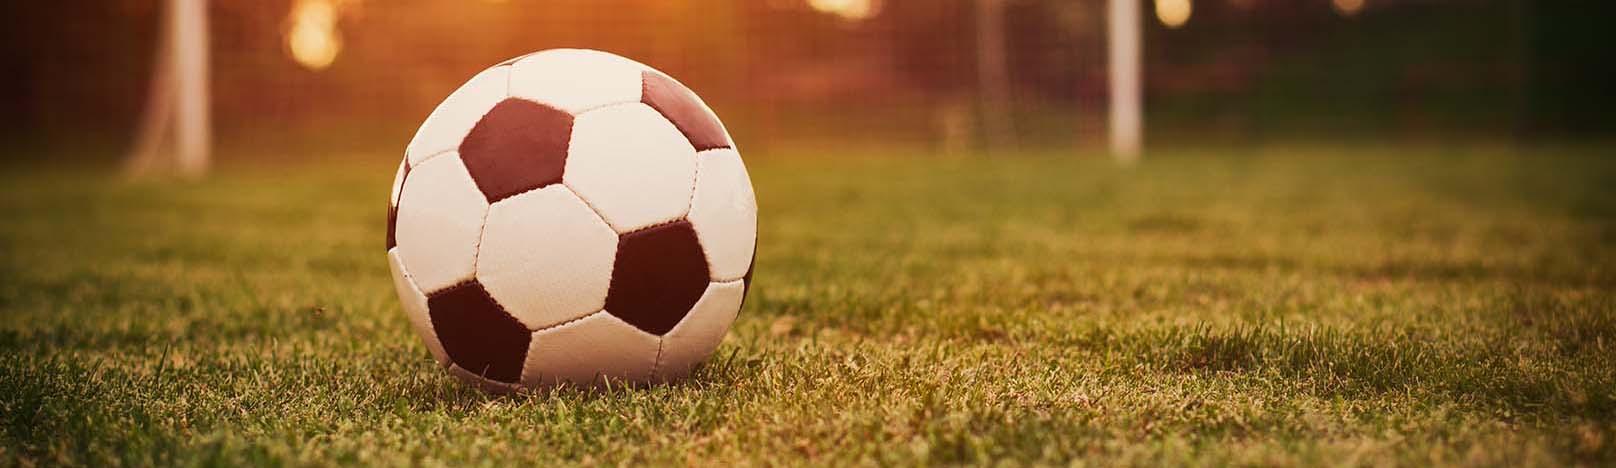 WCRD Soccer Program